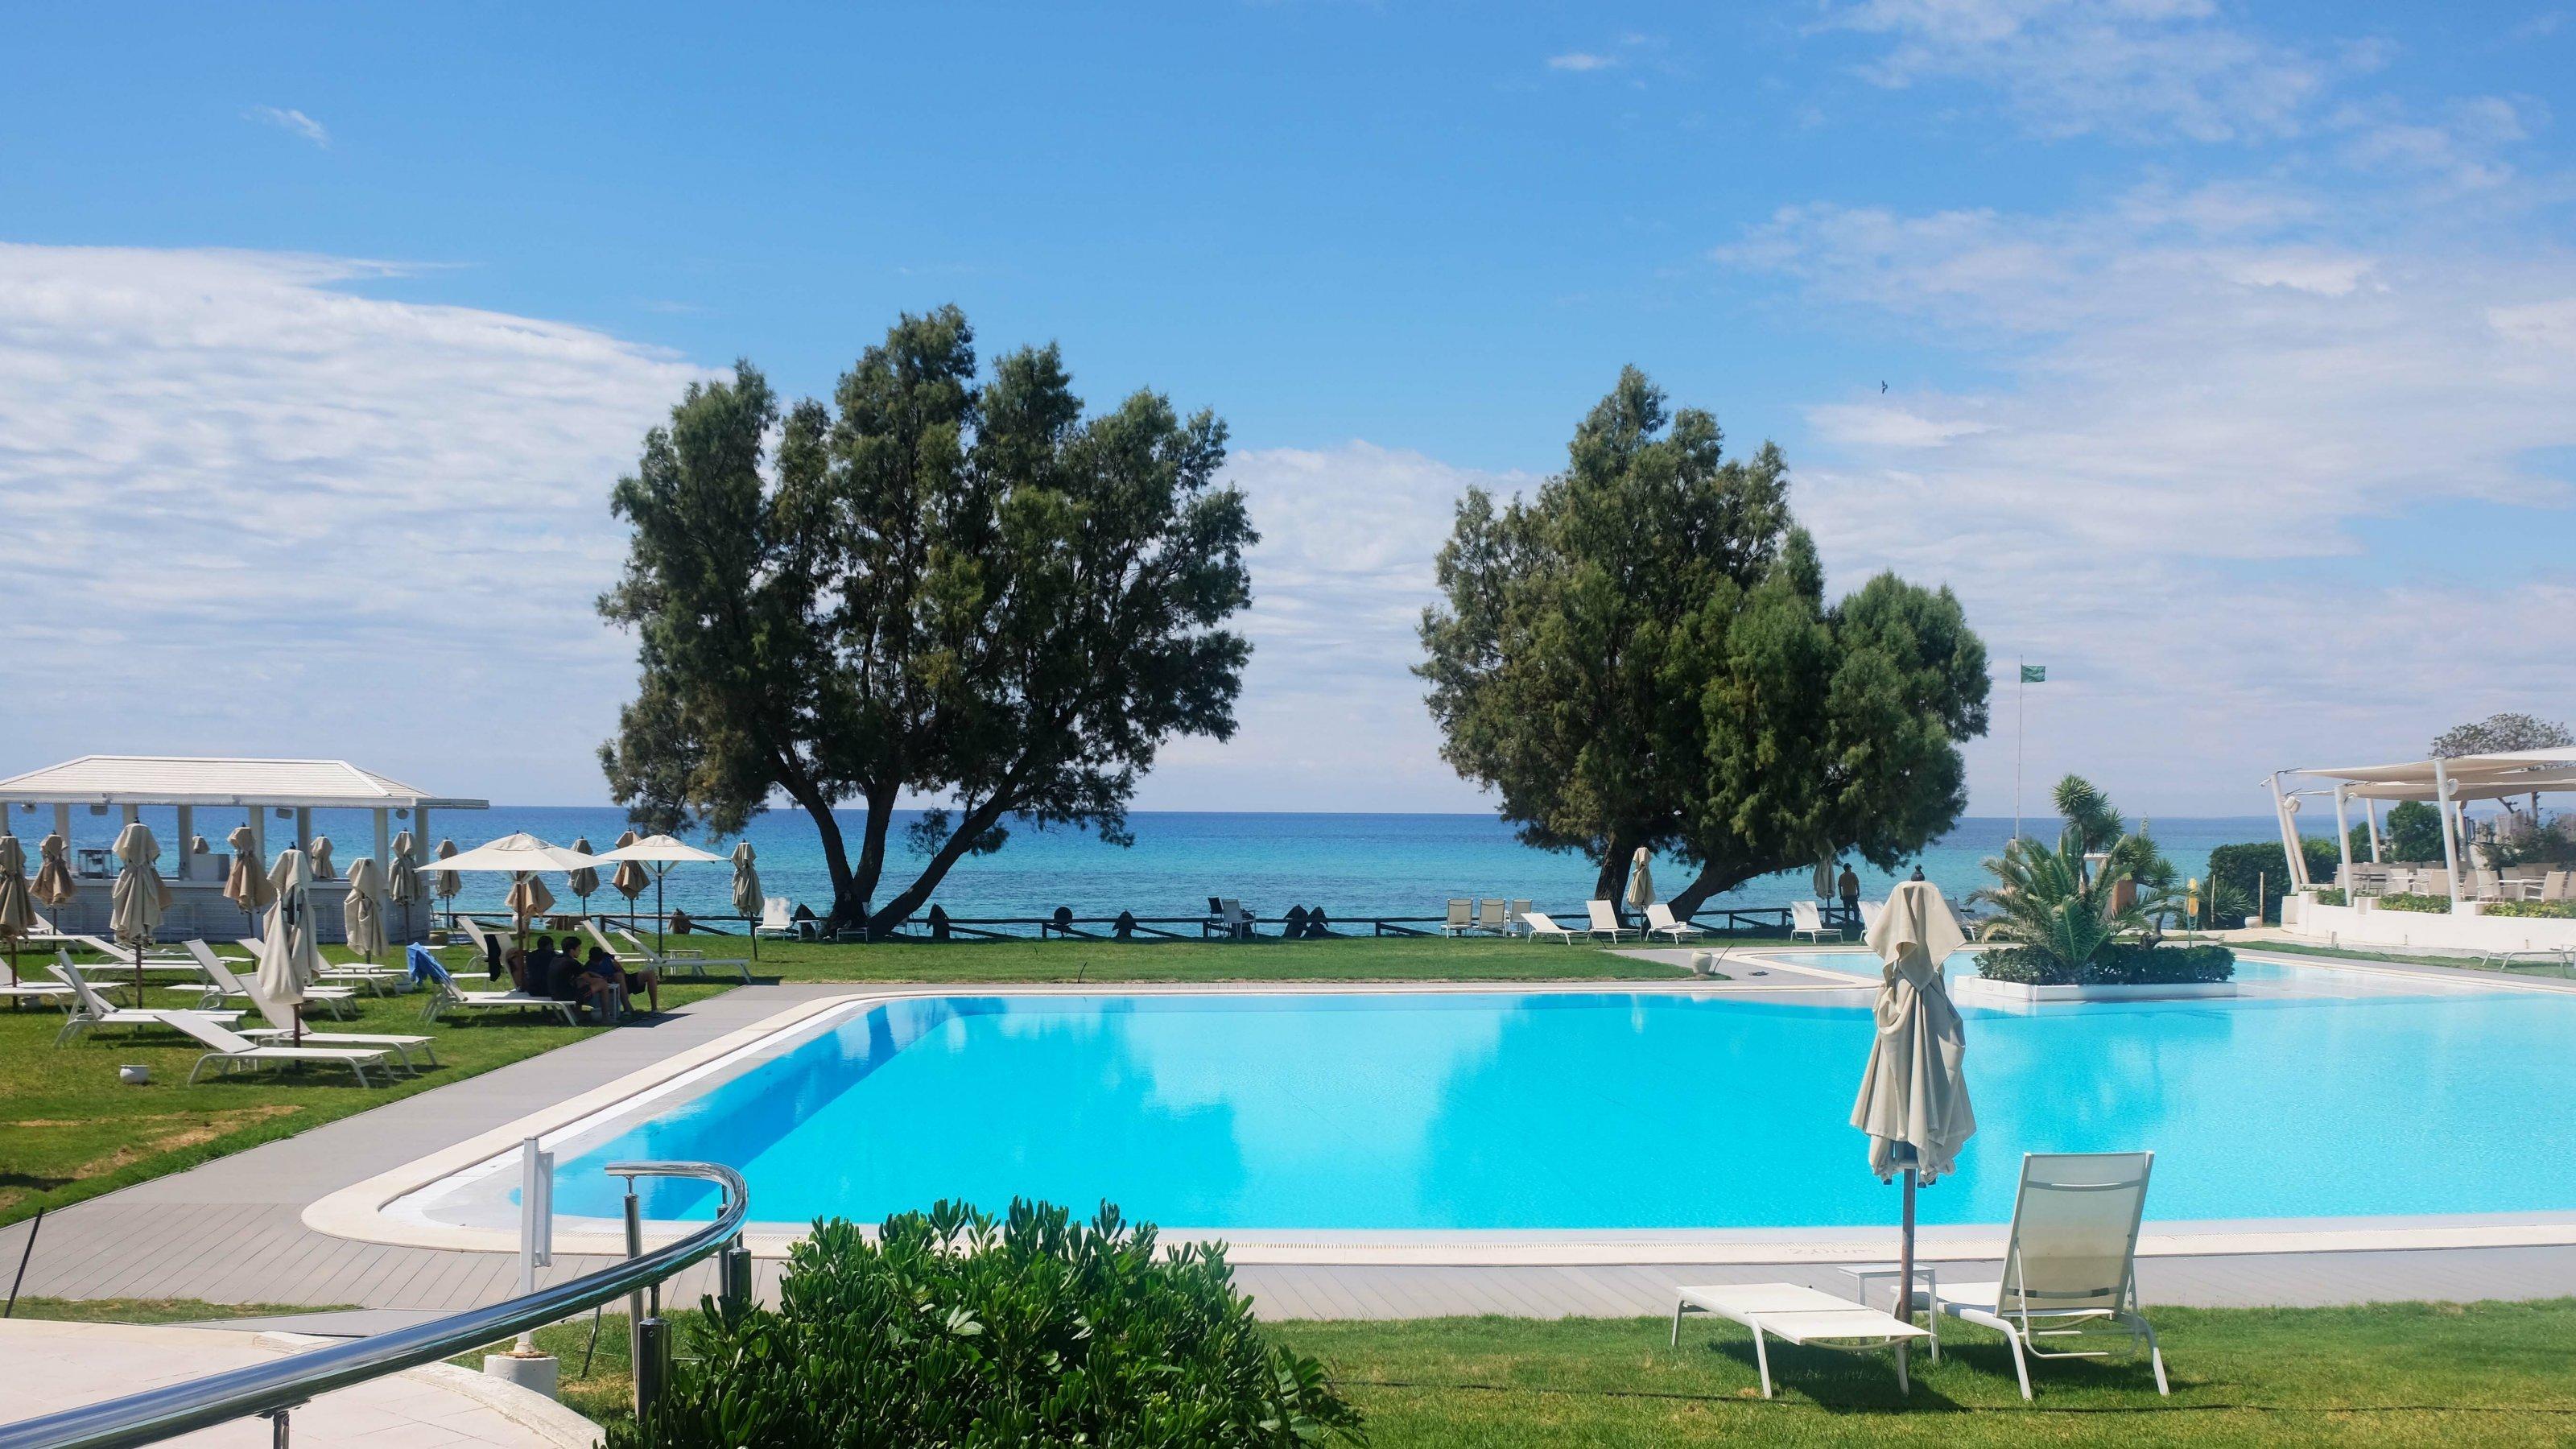 Leerer Pool des Hotel Le Sultan in Hammamet, Tunesien